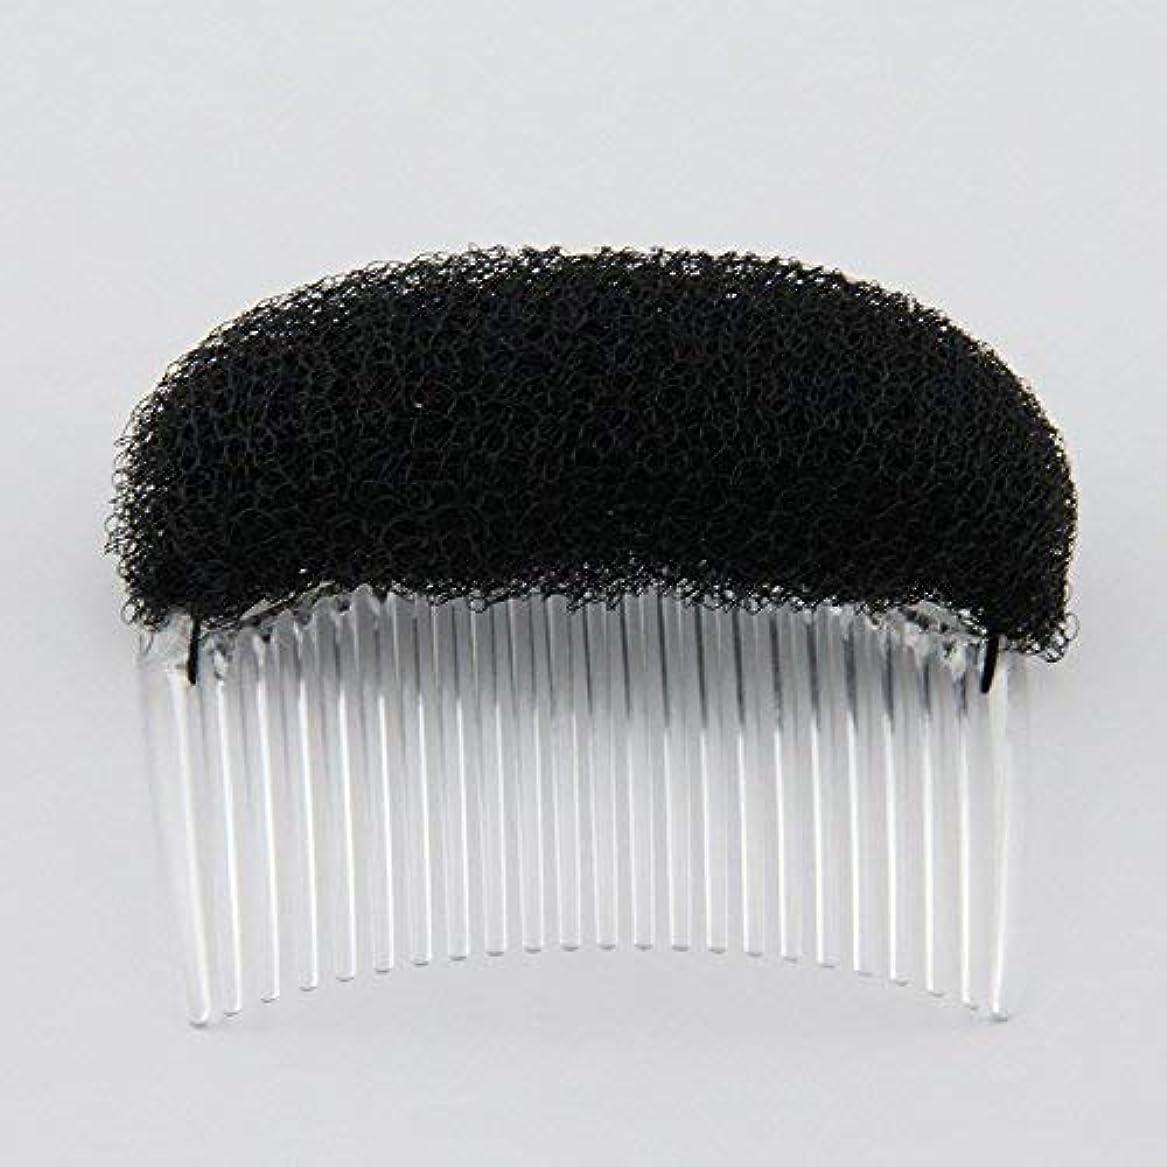 砂利現象変更1PC Charming BUMP IT UP Volume Inserts Do Beehive hair styler Insert Tool Hair Comb Black/Brown colors for choose...